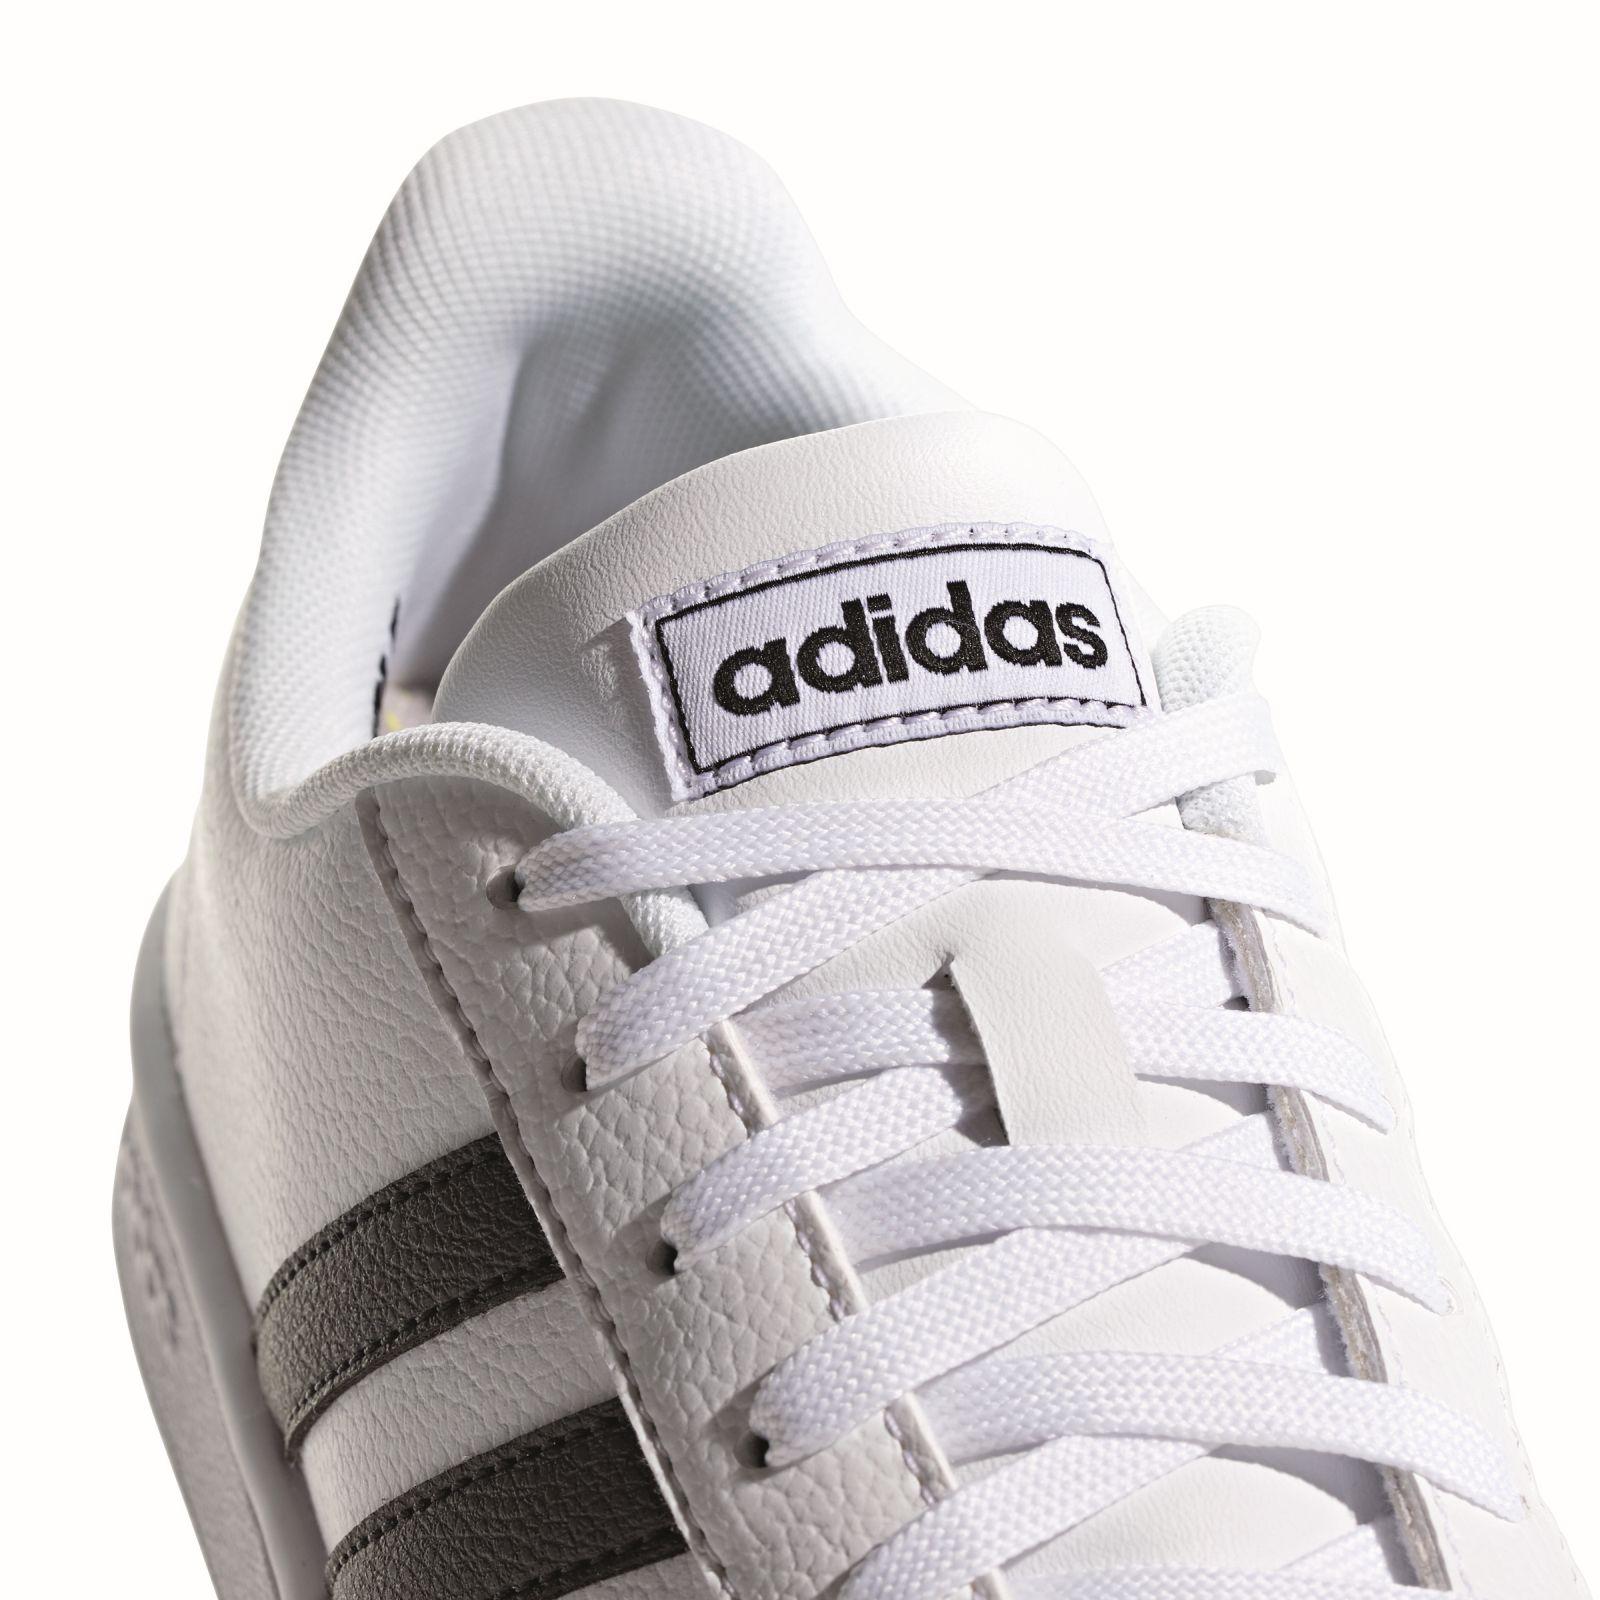 Details zu adidas Core Damen Freizeit Fitness Schuh Sneaker Grand COURT 2.0 weiß